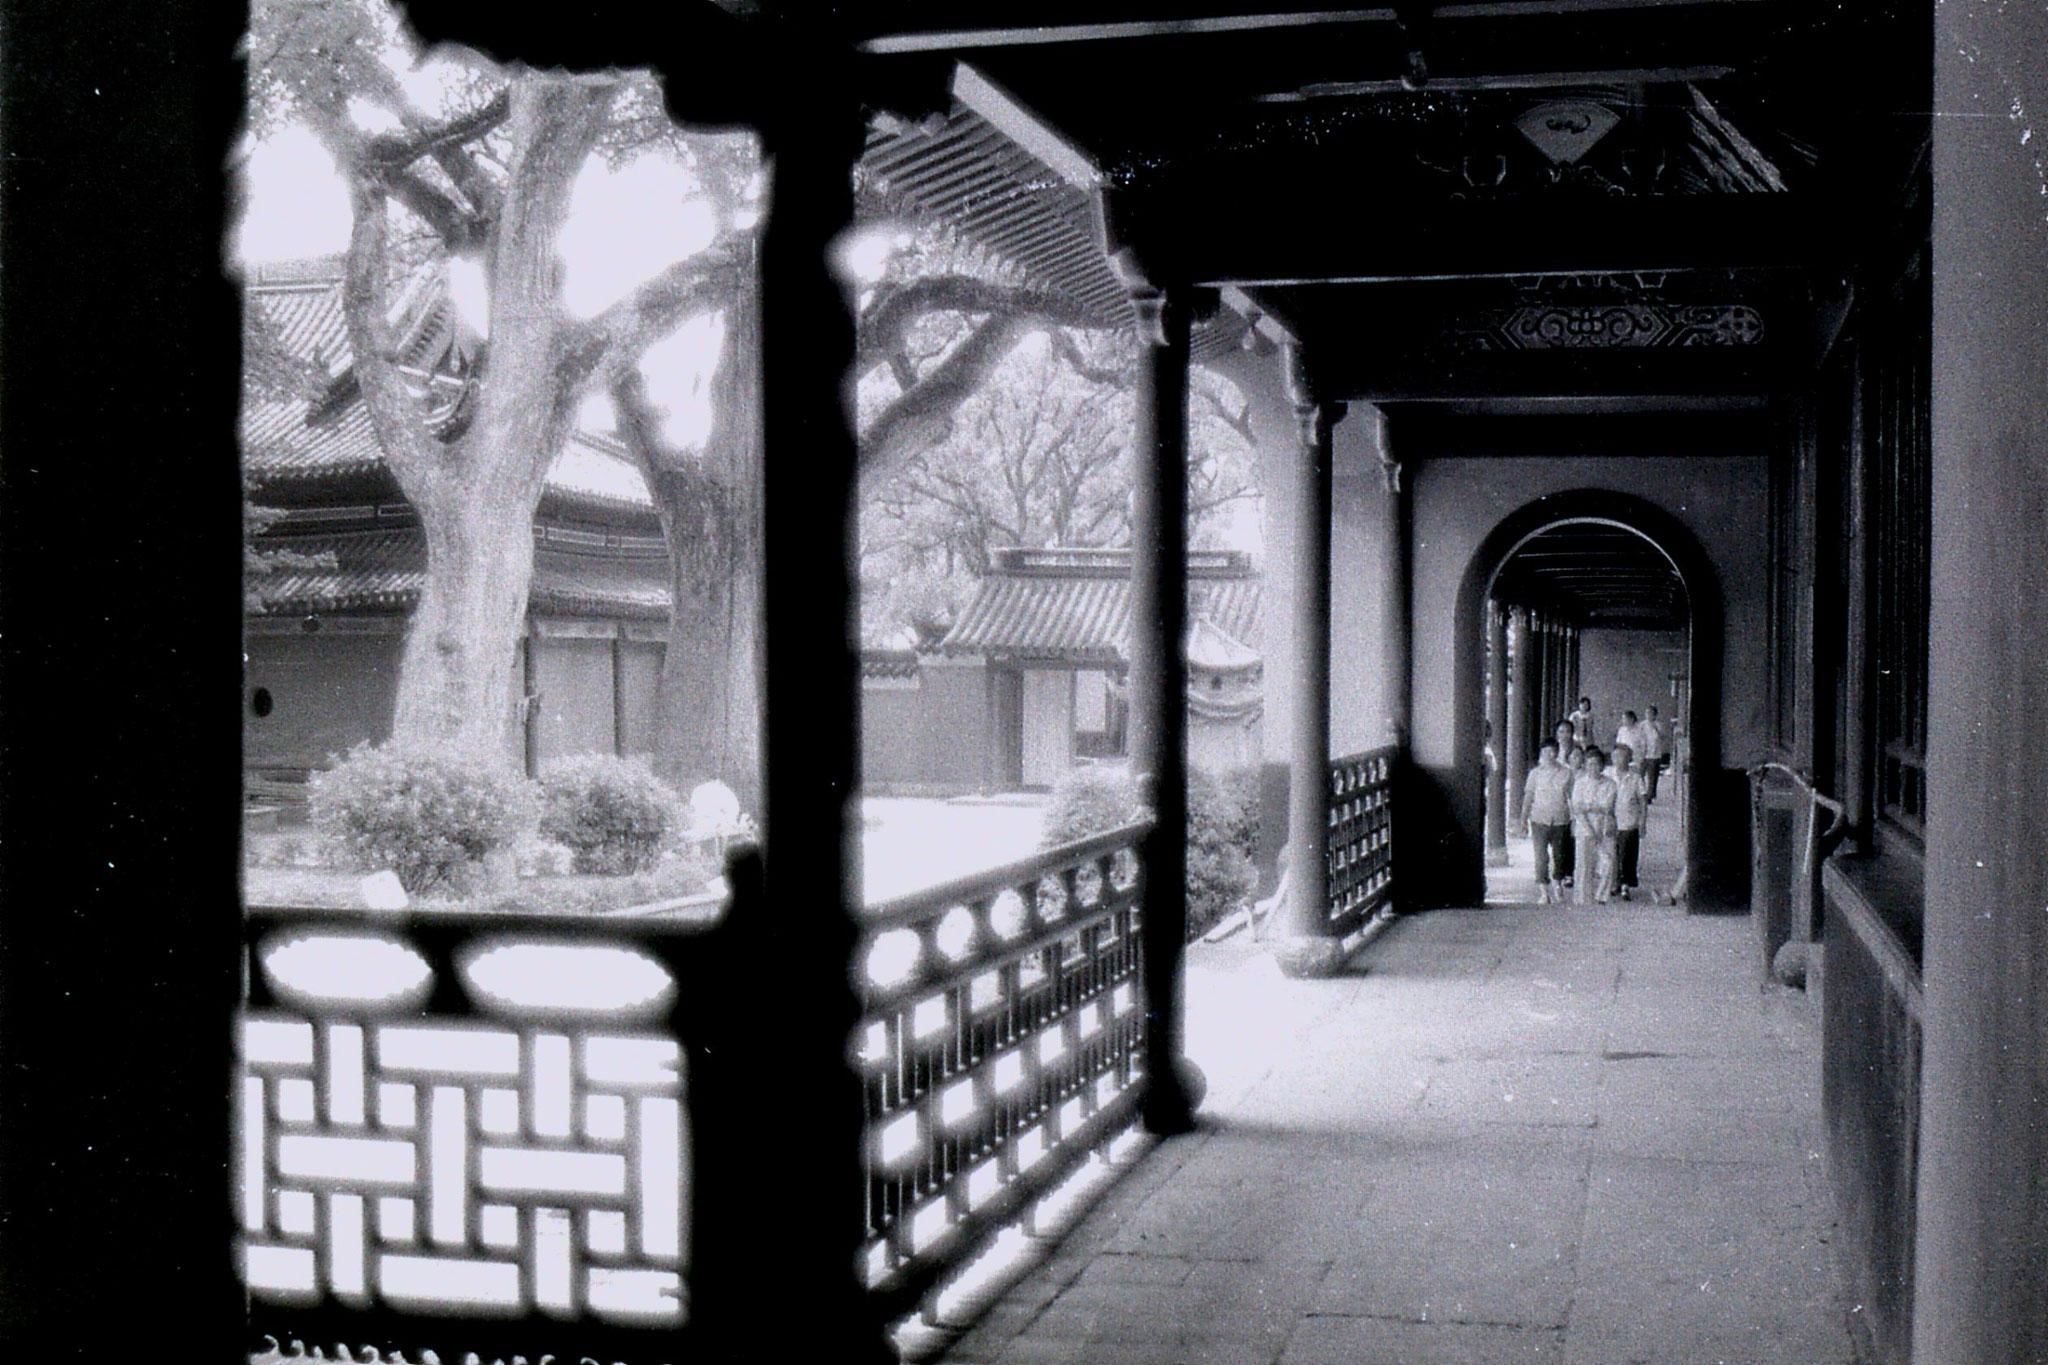 24/7/1989: 33: Putuo, corridor